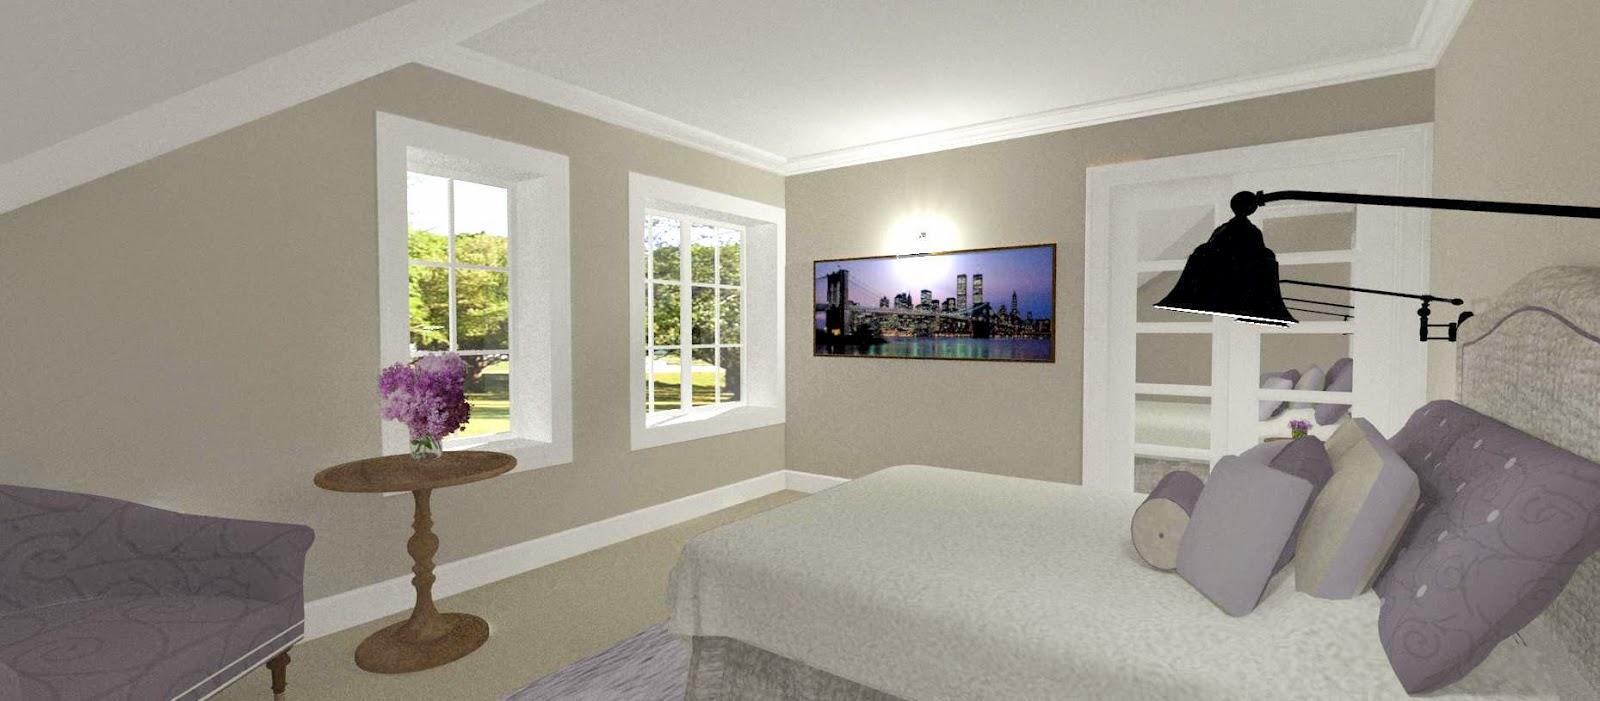 Dreams & coffees arkitekt  och projektblogg: 1,5 plans new englandhus